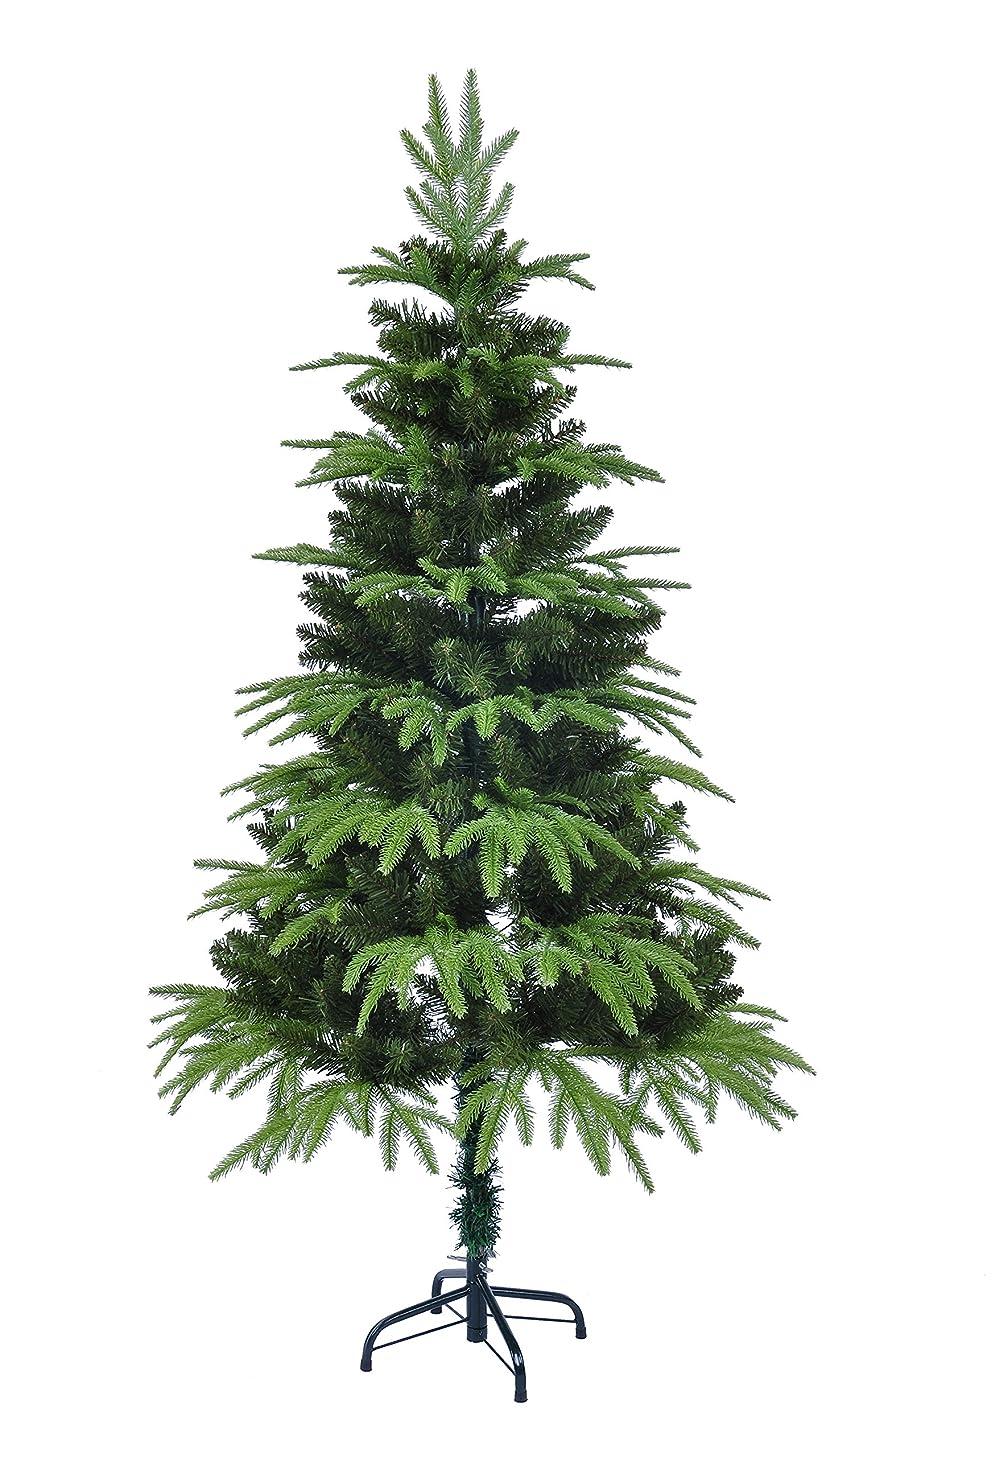 船尾東ティモール冒険家クリスマスツリー 120cm 150cm 2サイズ選択可 グリーン もみの木 Christmas tree オーナメント ツリースカート LEDイルミネーション付き HIMOE (150cm, クリスマスツリー+ブルーLED1本+ツリースカート(ブルー))